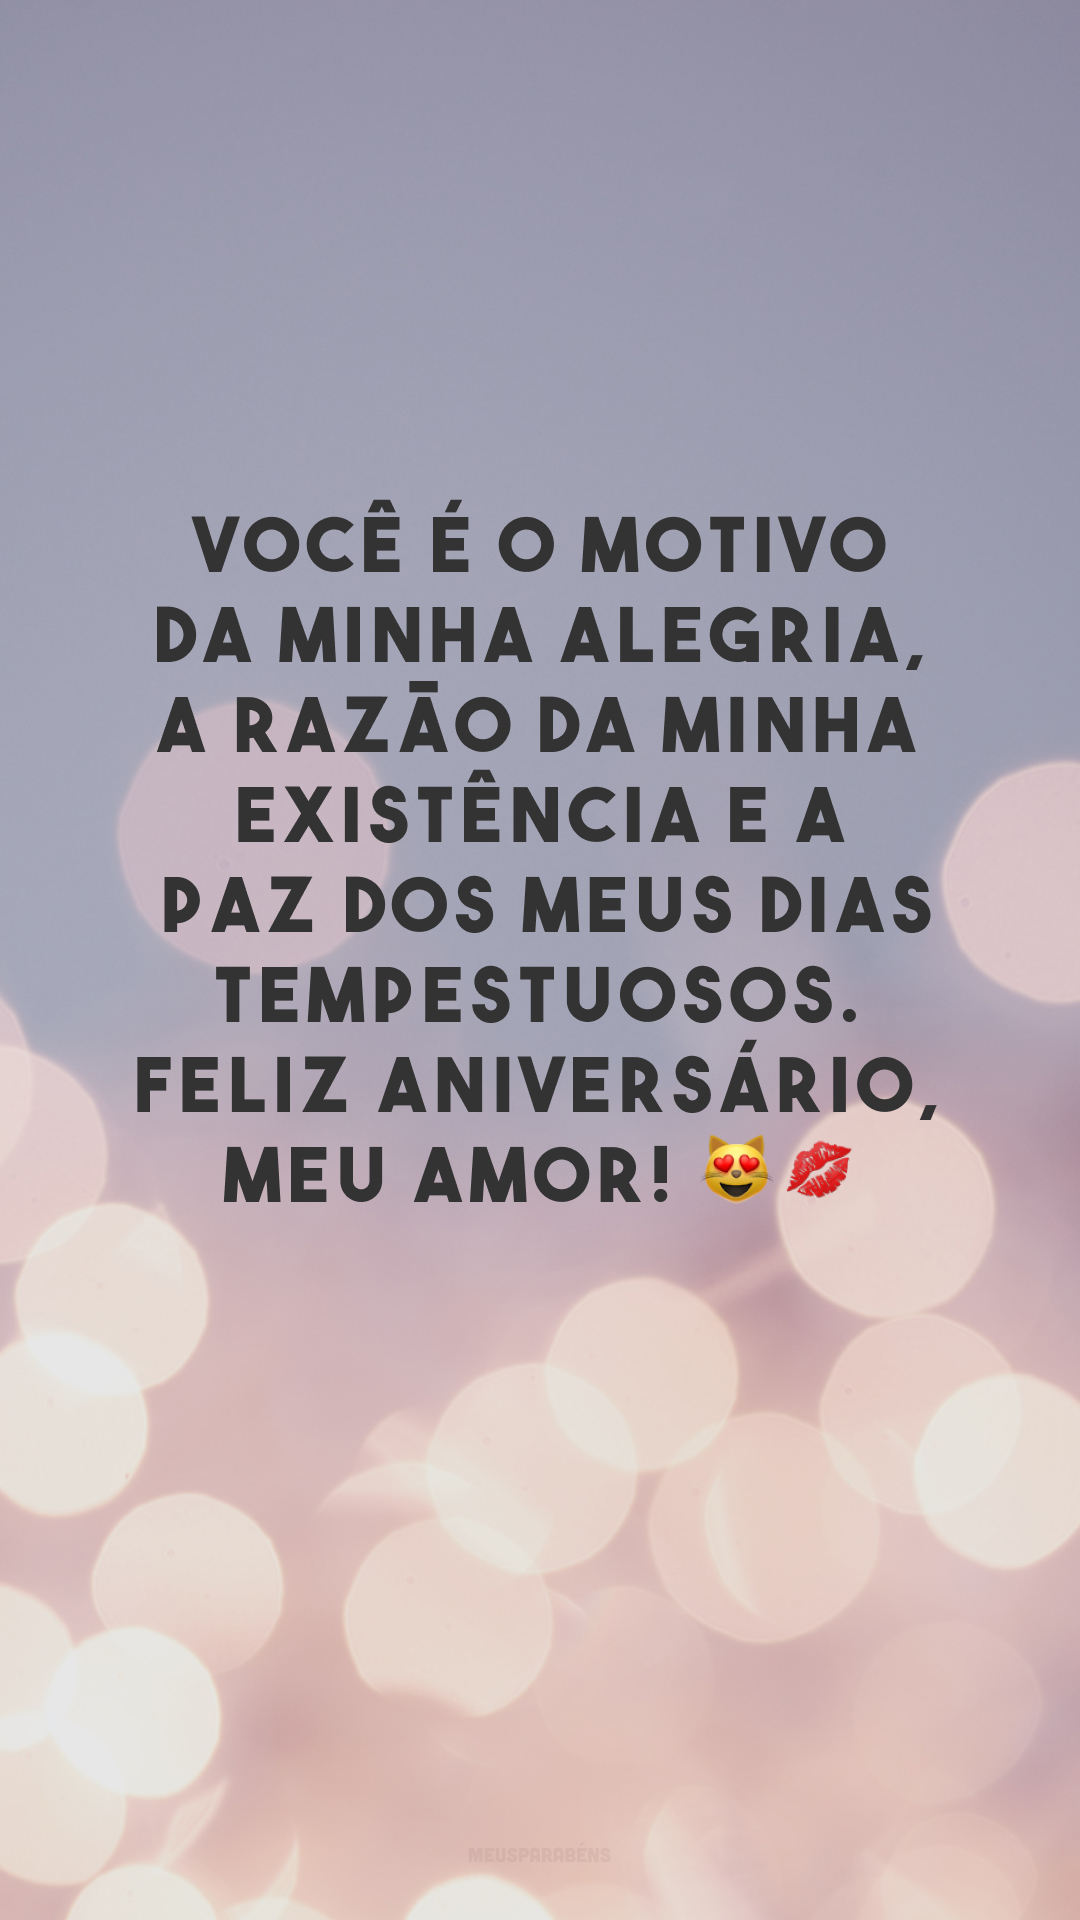 Você é o motivo da minha alegria, a razão da minha existência e a paz dos meus dias tempestuosos. Feliz aniversário, meu amor! 😻💋